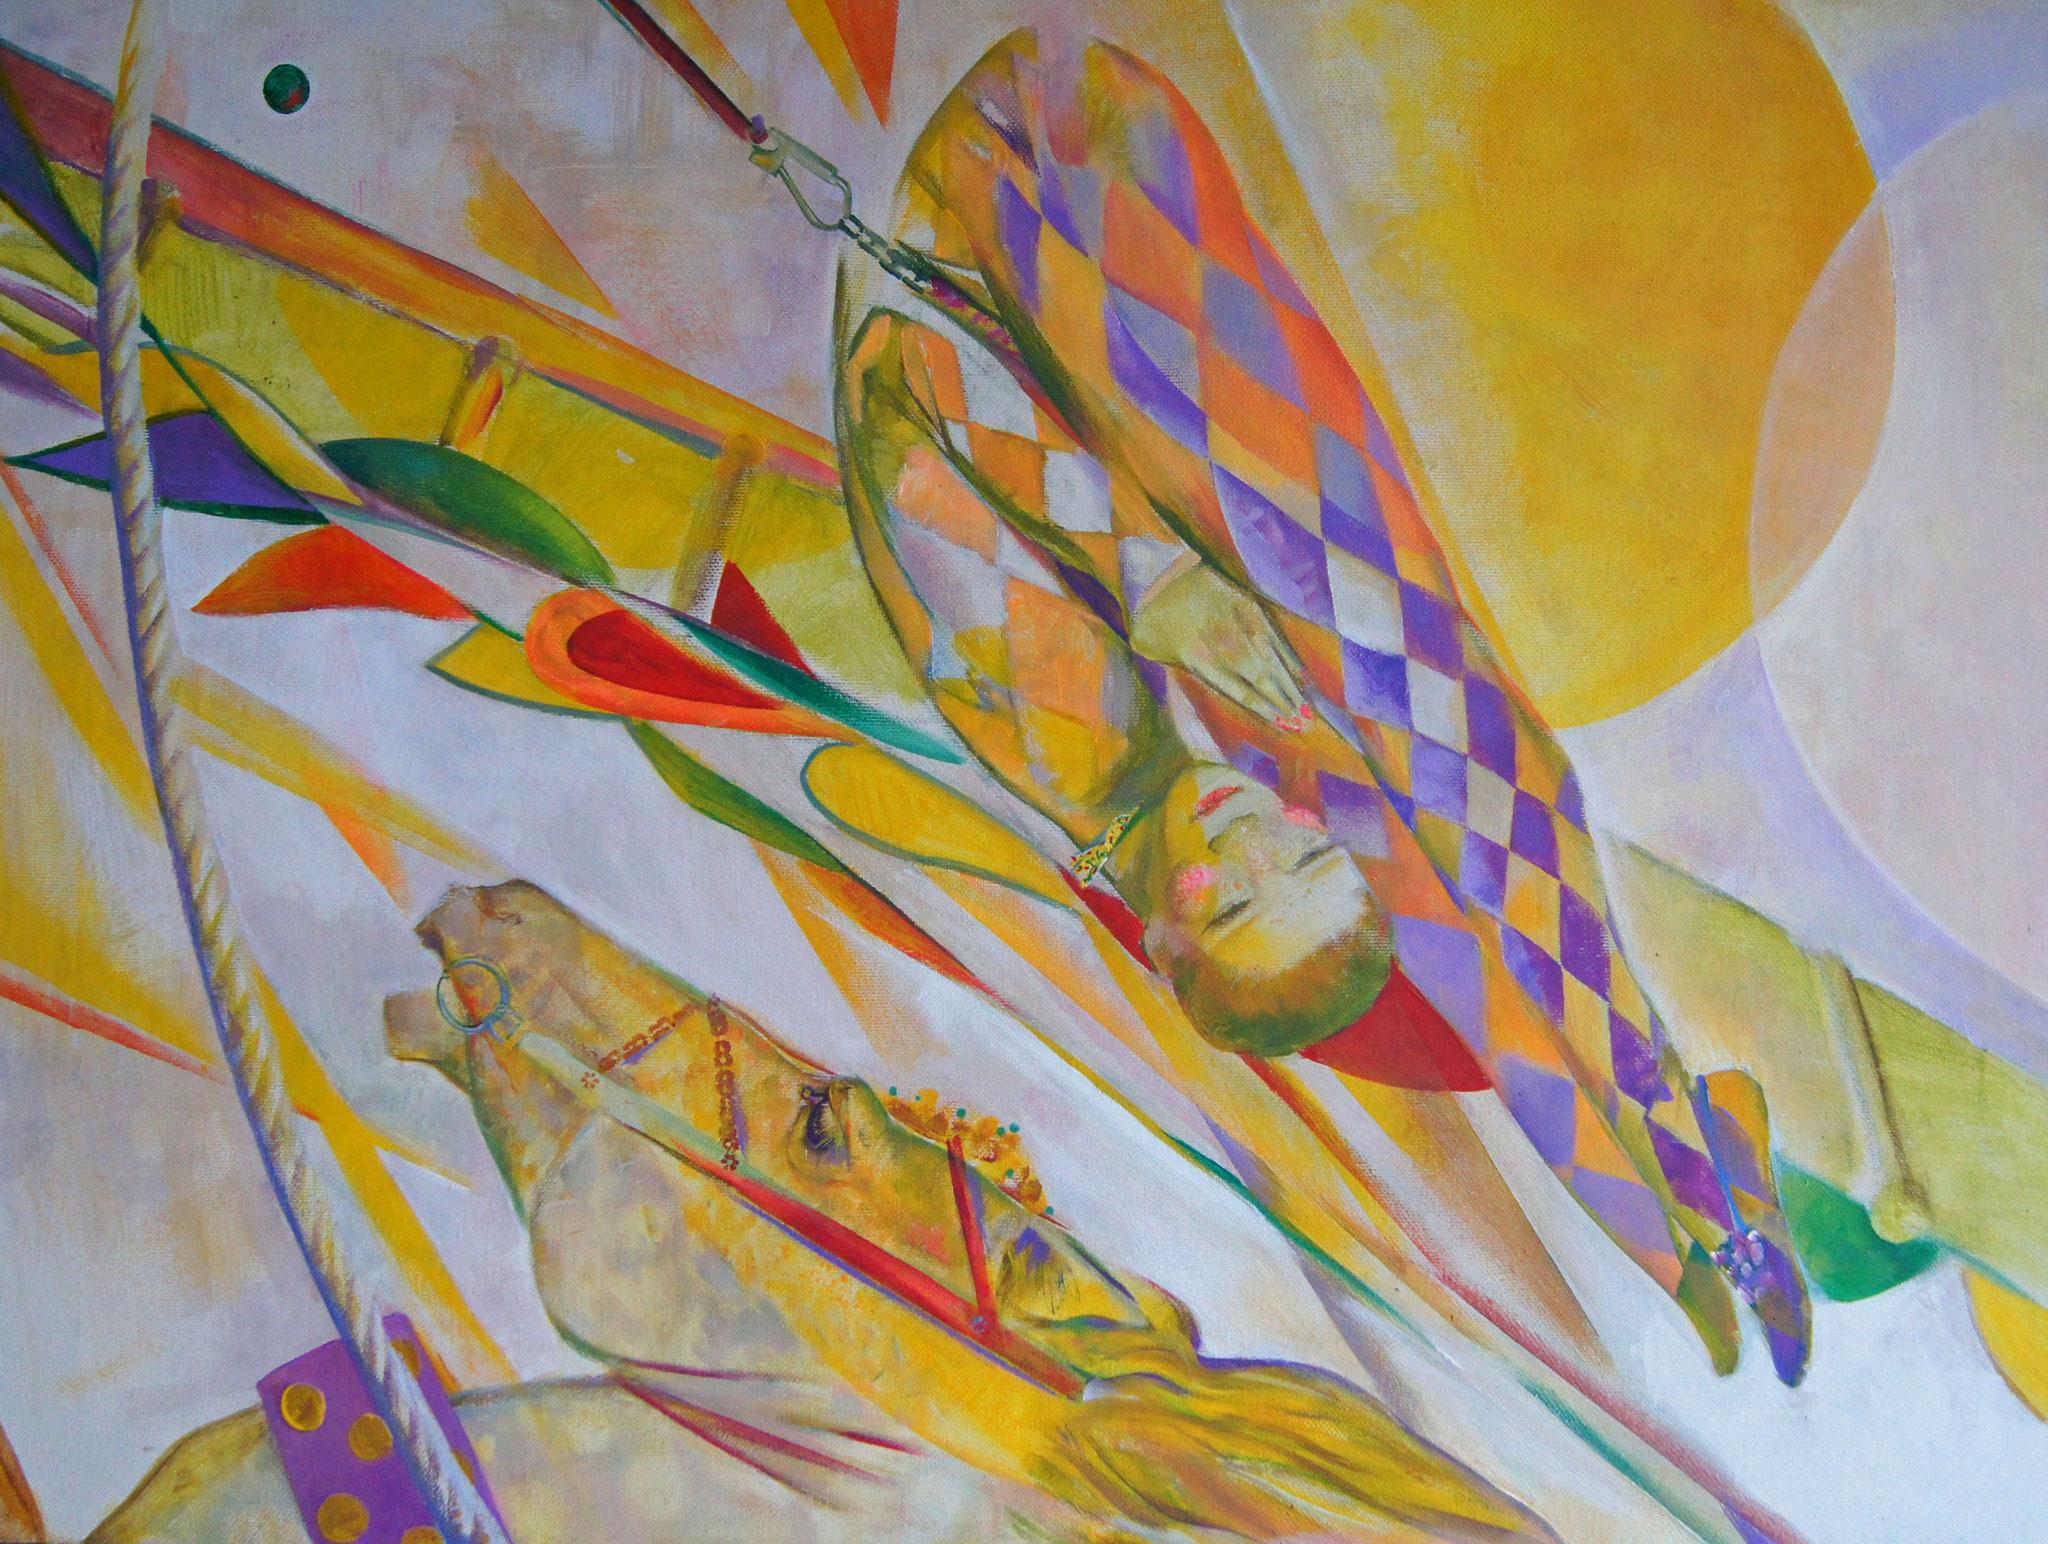 Люся Краскова          Прыжок.        2016 г.      60х80 см.     Холст, масло.